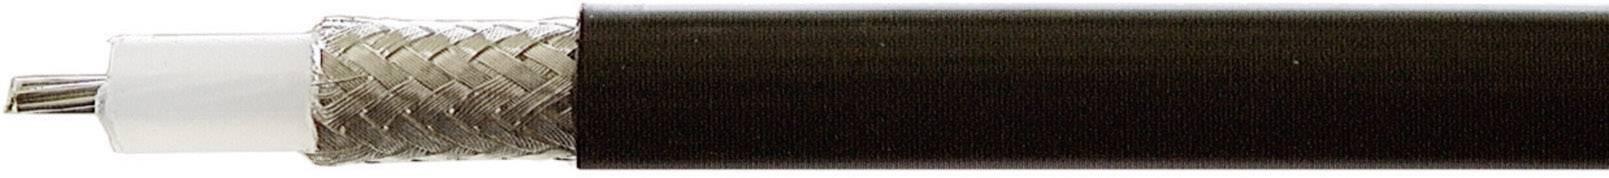 Koaxiálny kábel Huber & Suhner 22510040, 50 Ohm, metrový tovar, čierna